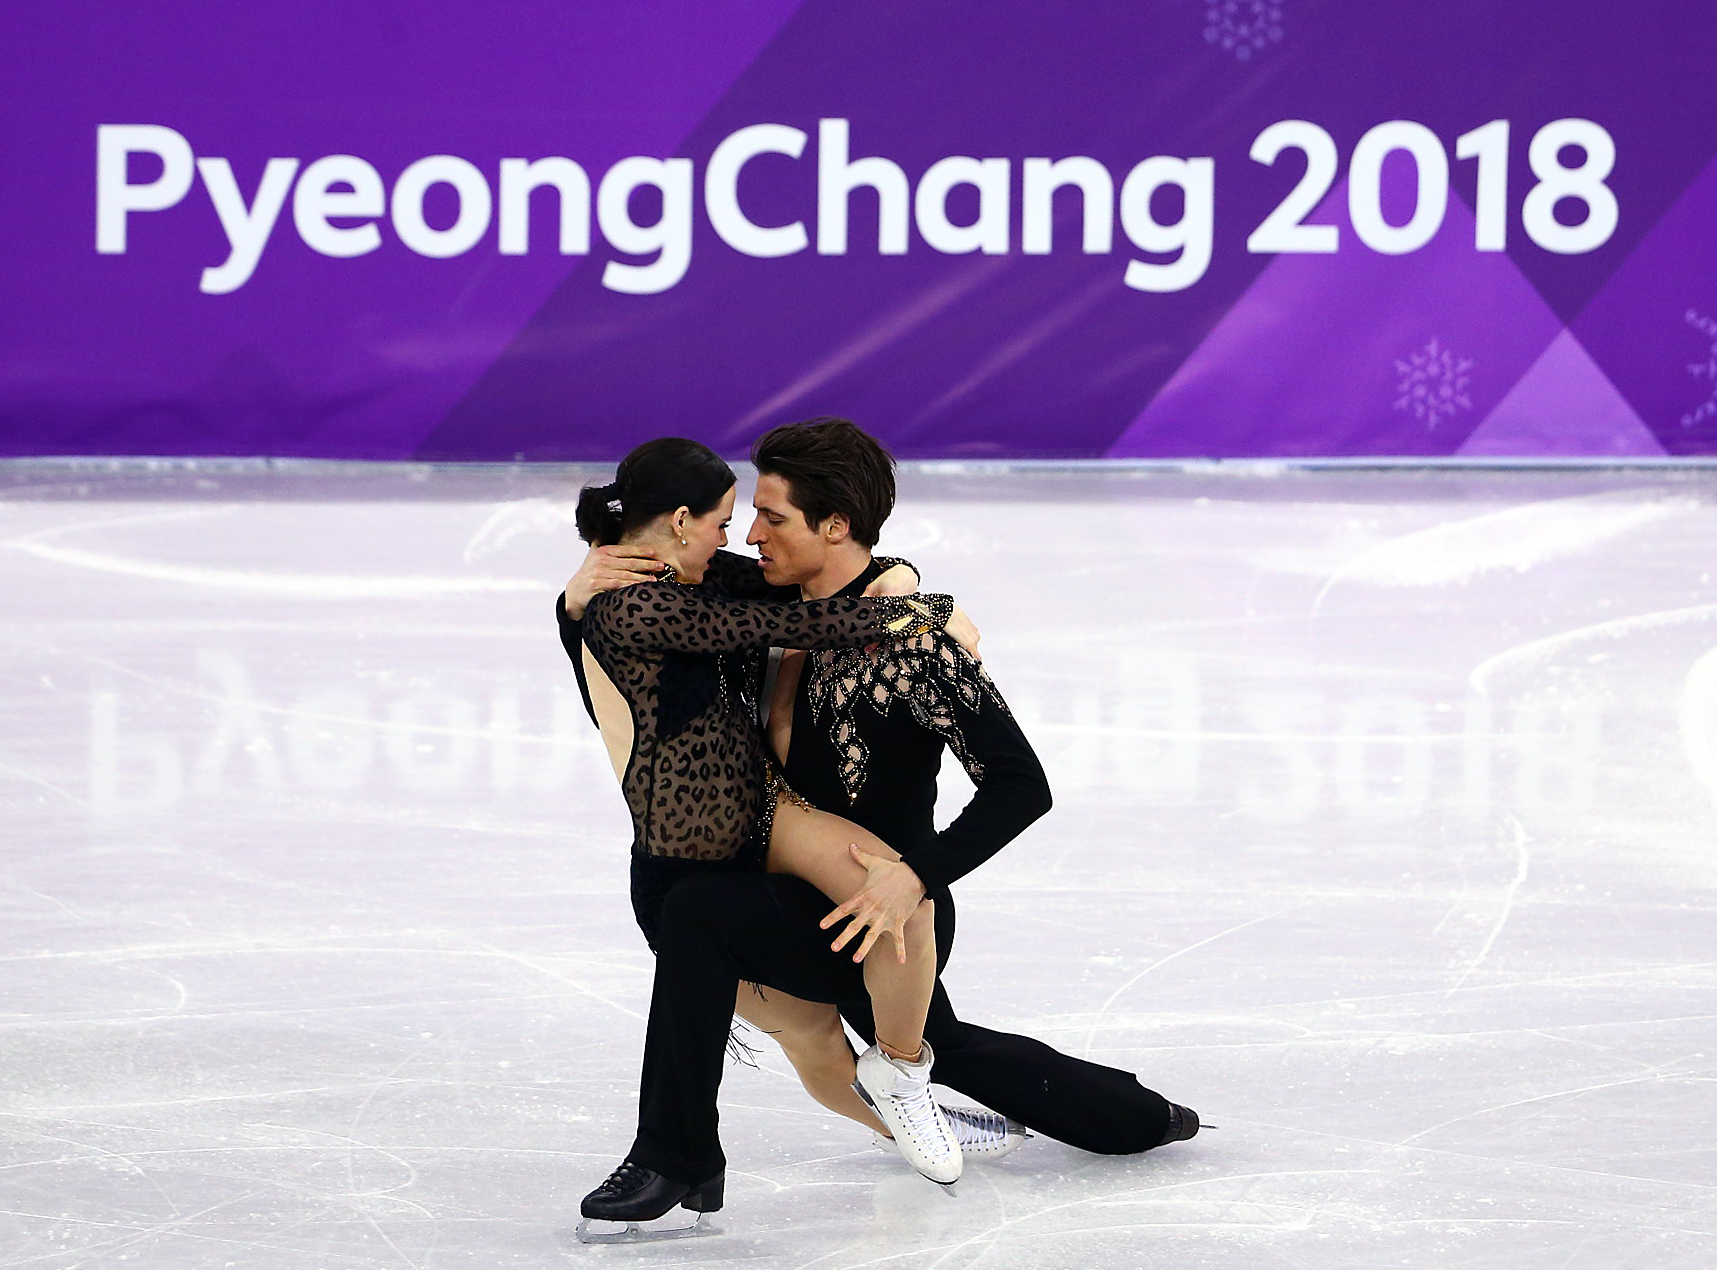 Team Canada Tessa Virtue Scott Moir PyeongChang 2018 short dance